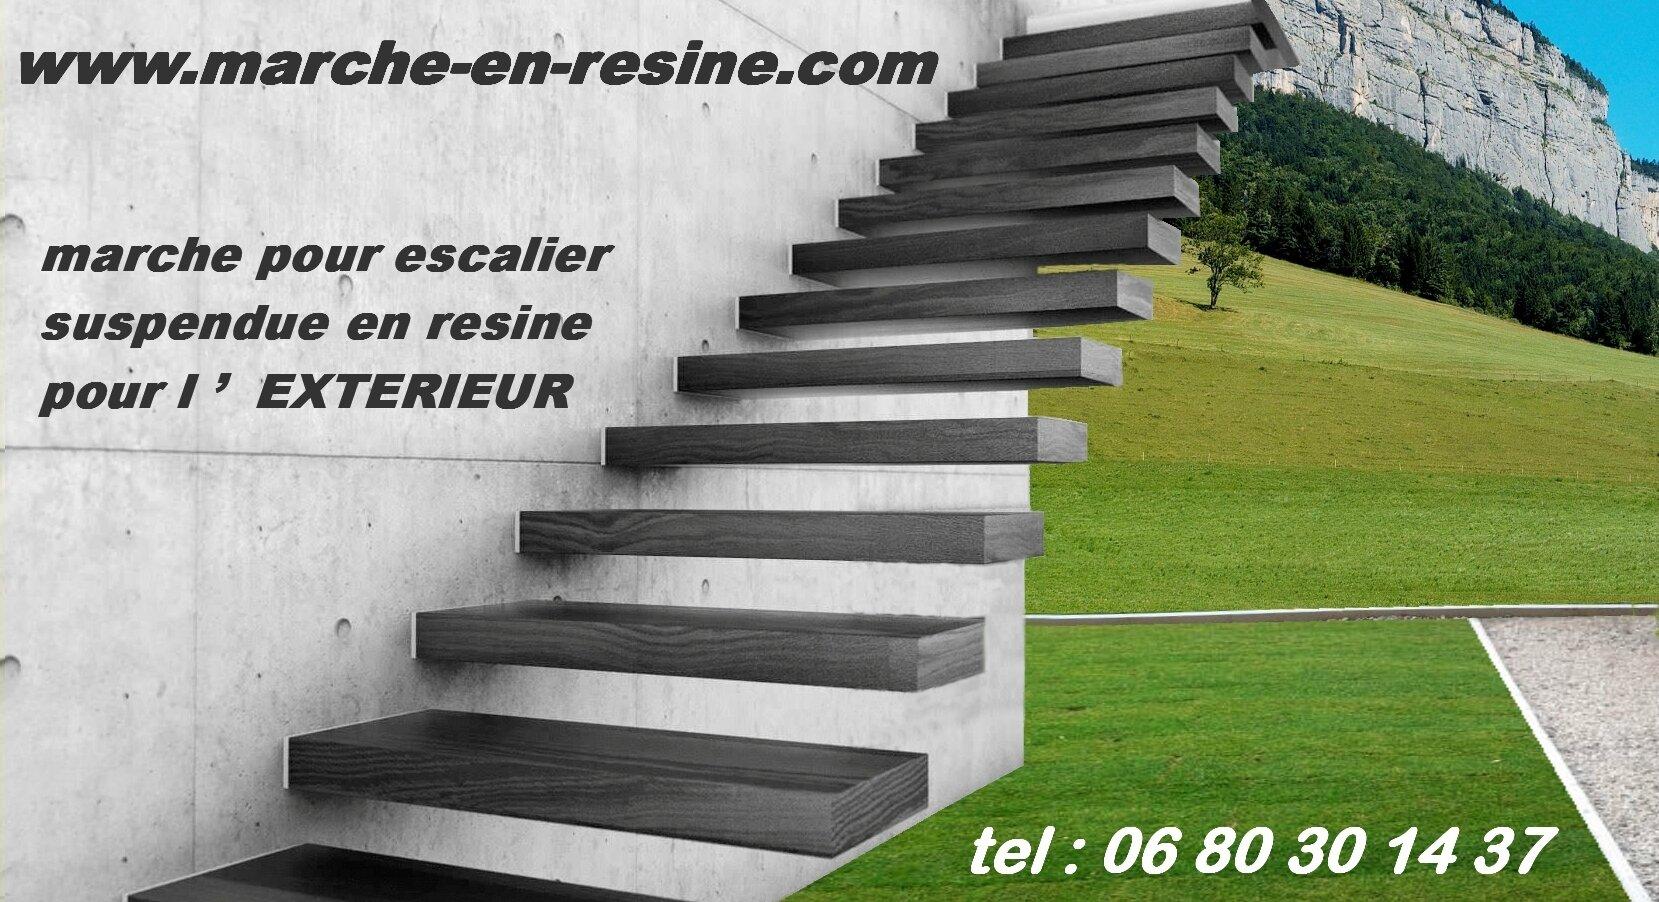 Escalier Beton Exterieur Prix escalier suspendu paris renseignement tel 0680301437